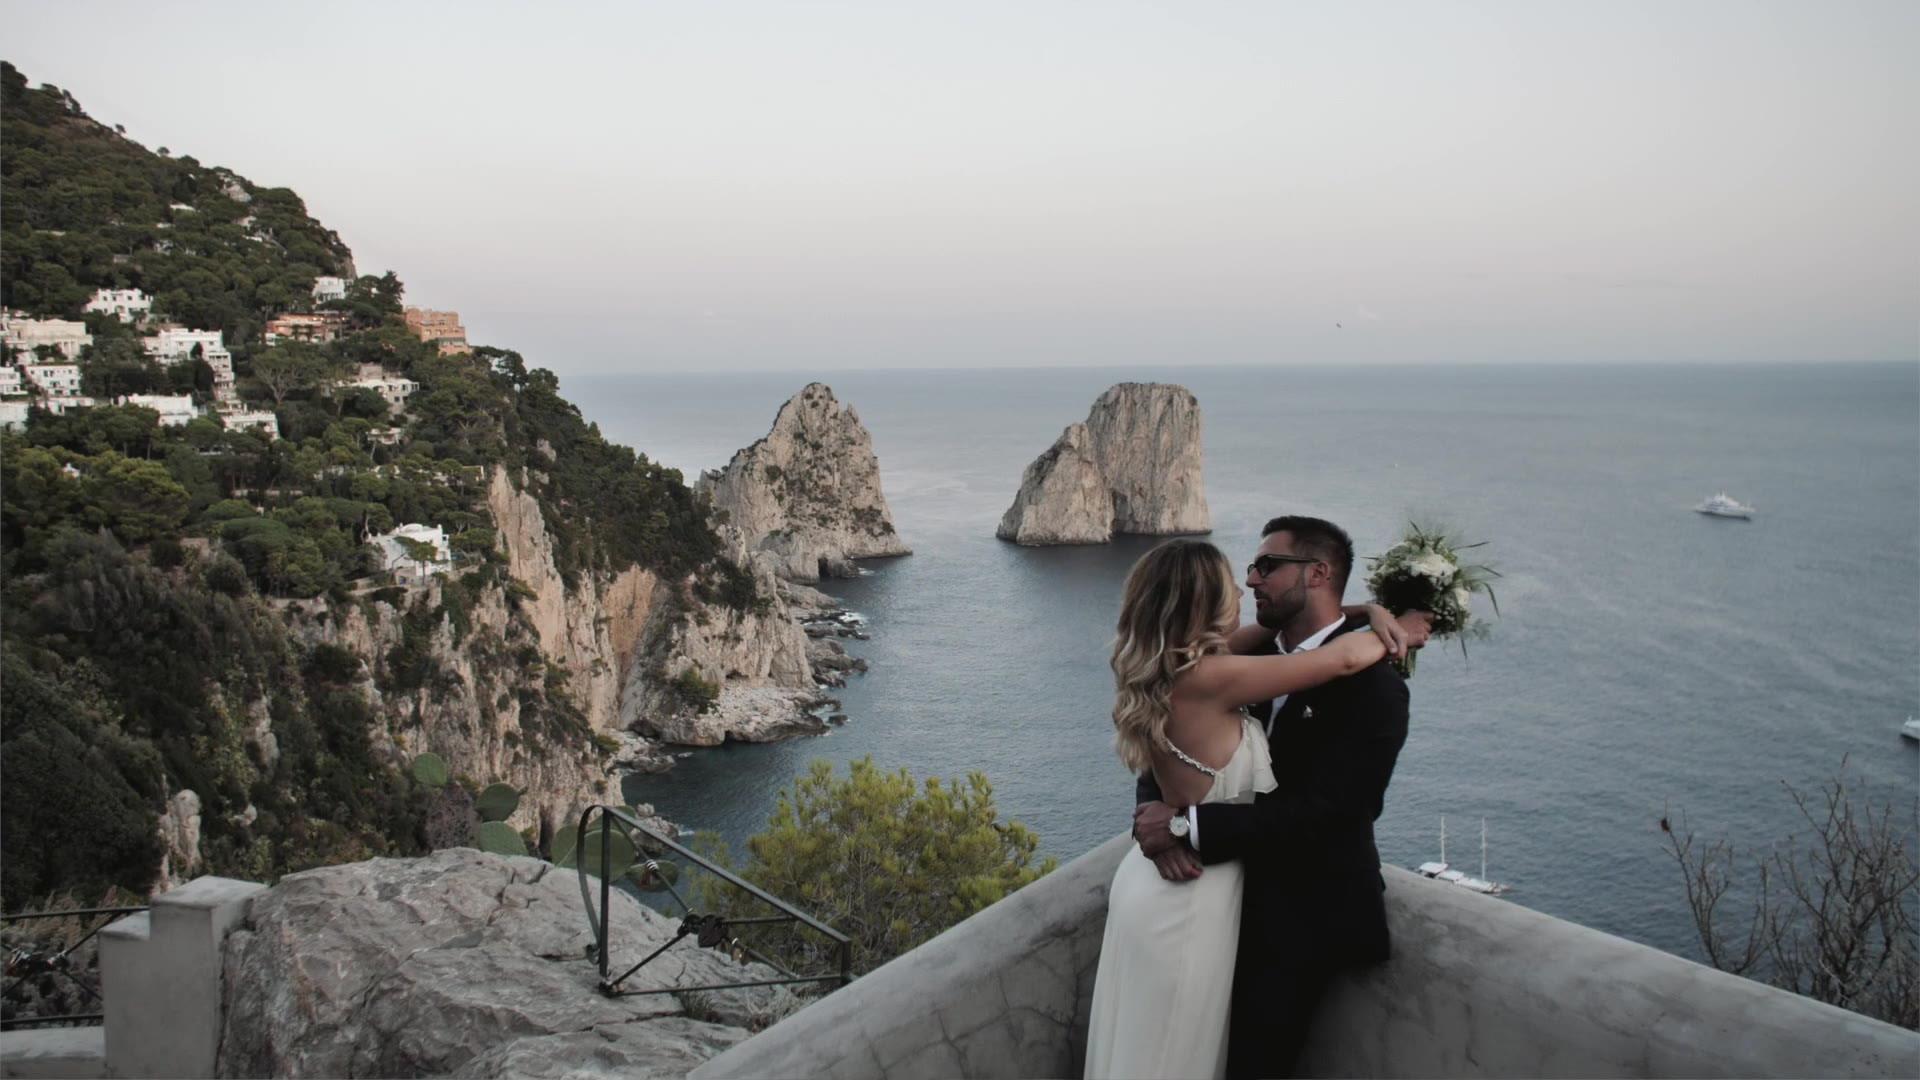 Mirco + Cristina | Capri, Italy | Da Paolino